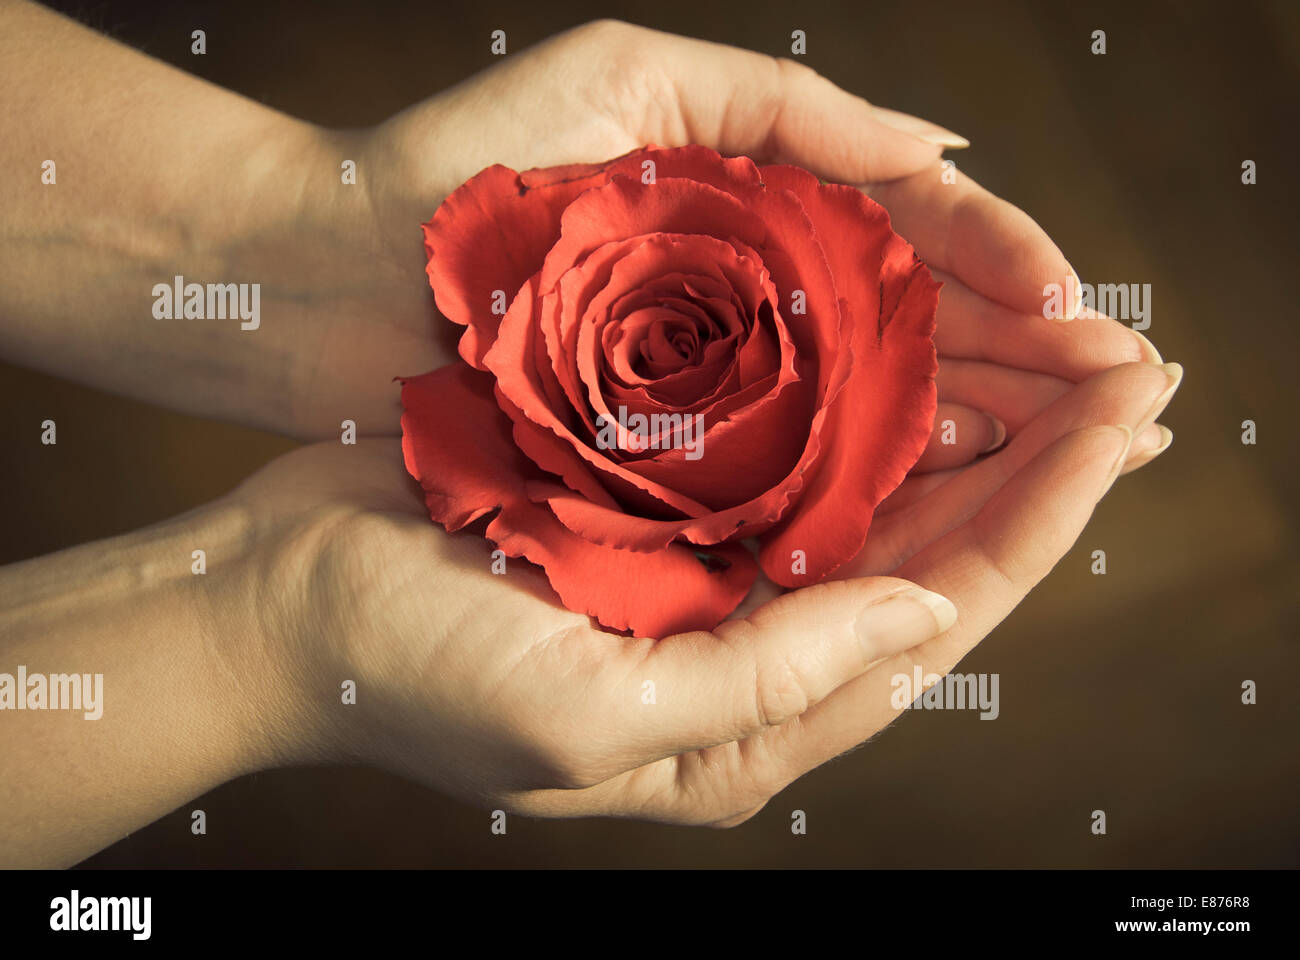 Mani femminili in possesso di una rosa rossa Immagini Stock